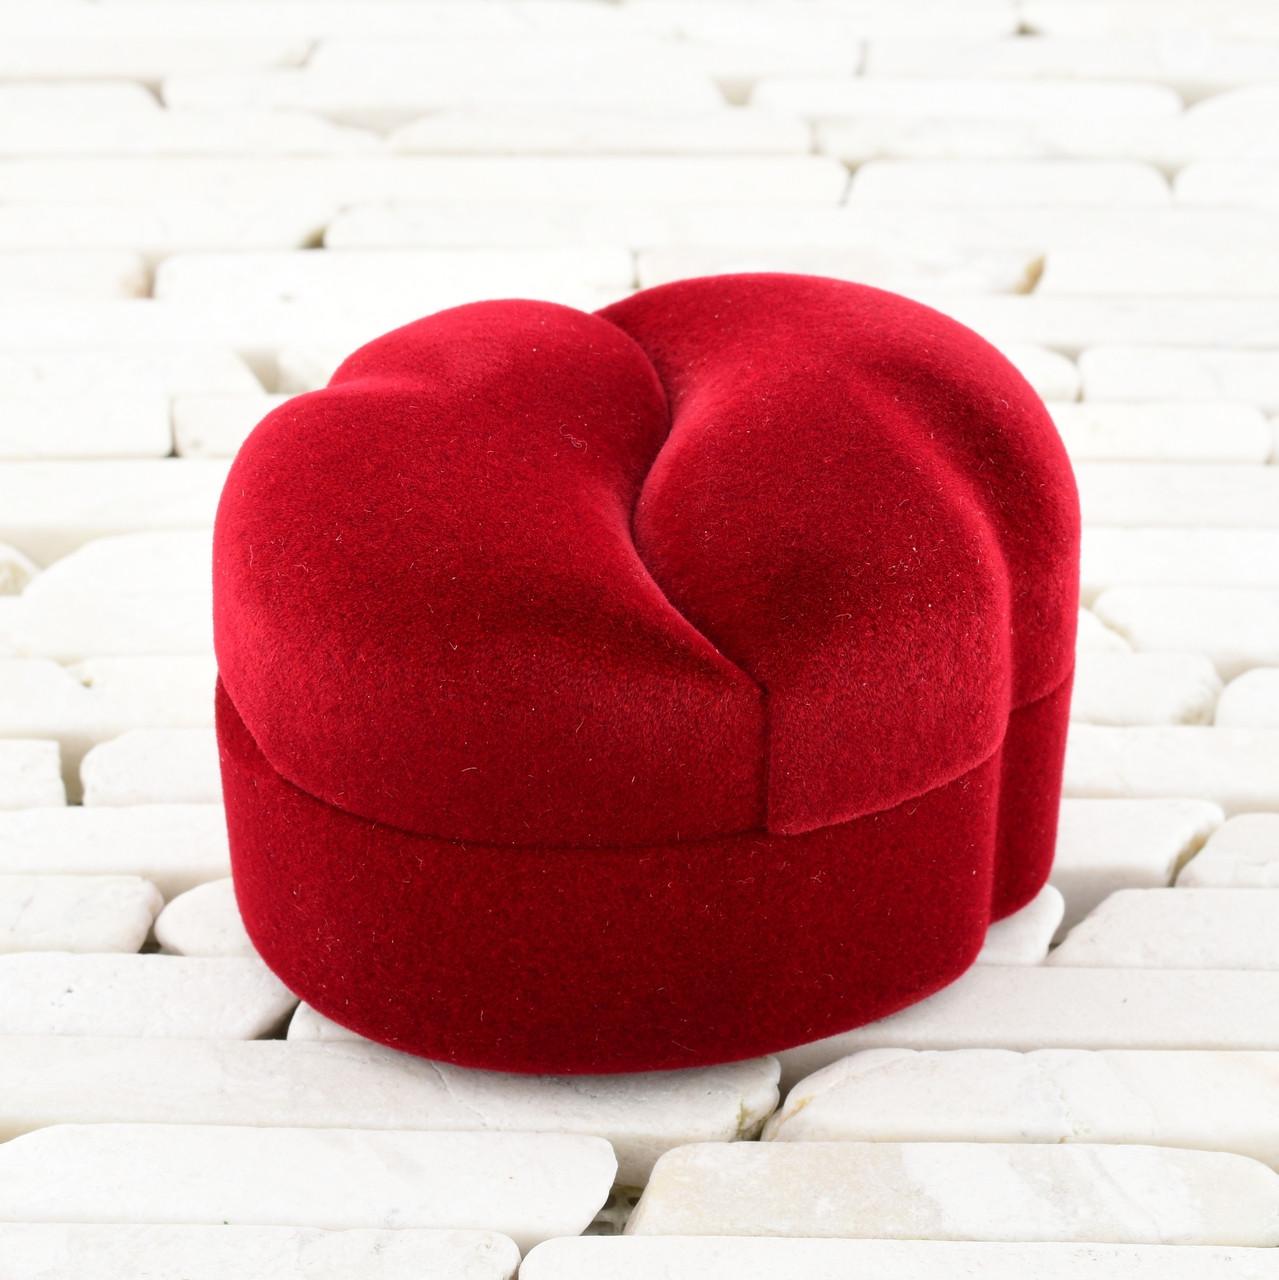 Футляр Половинки для кольца-серег красный бархат 740164 размер 6.5х5 см